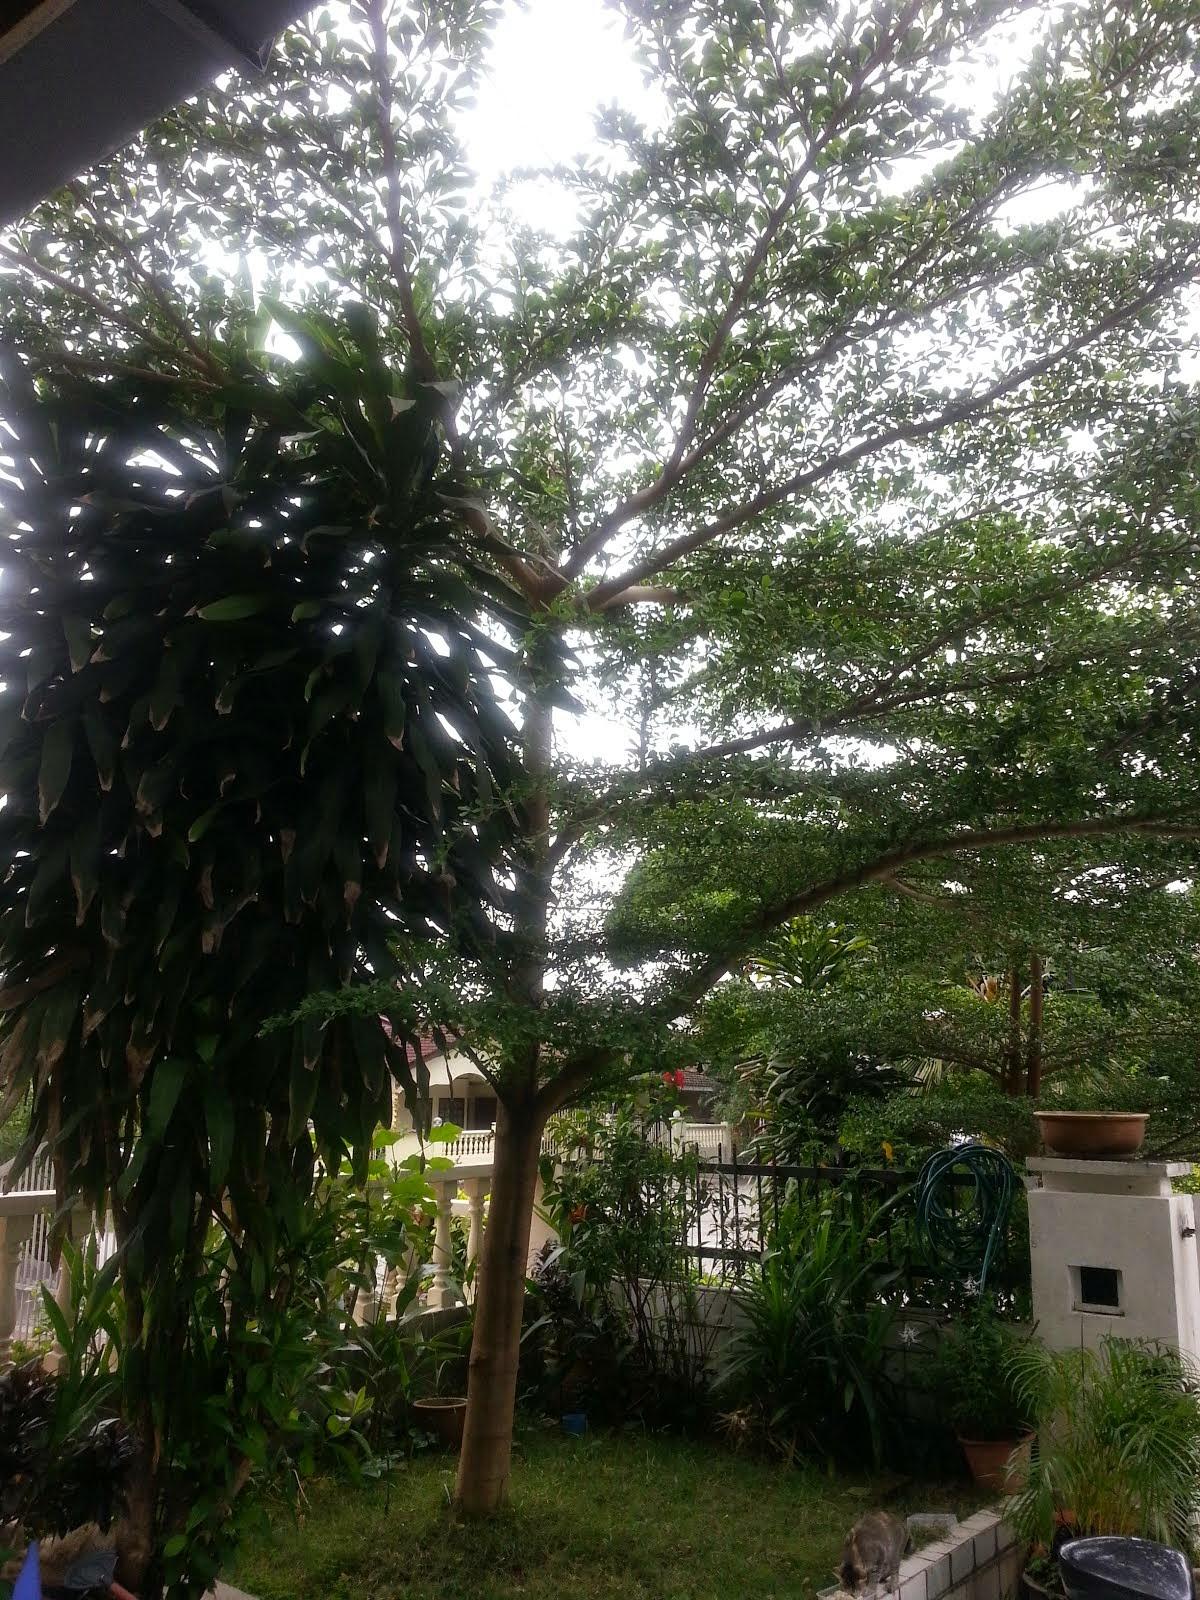 Dae's Tree